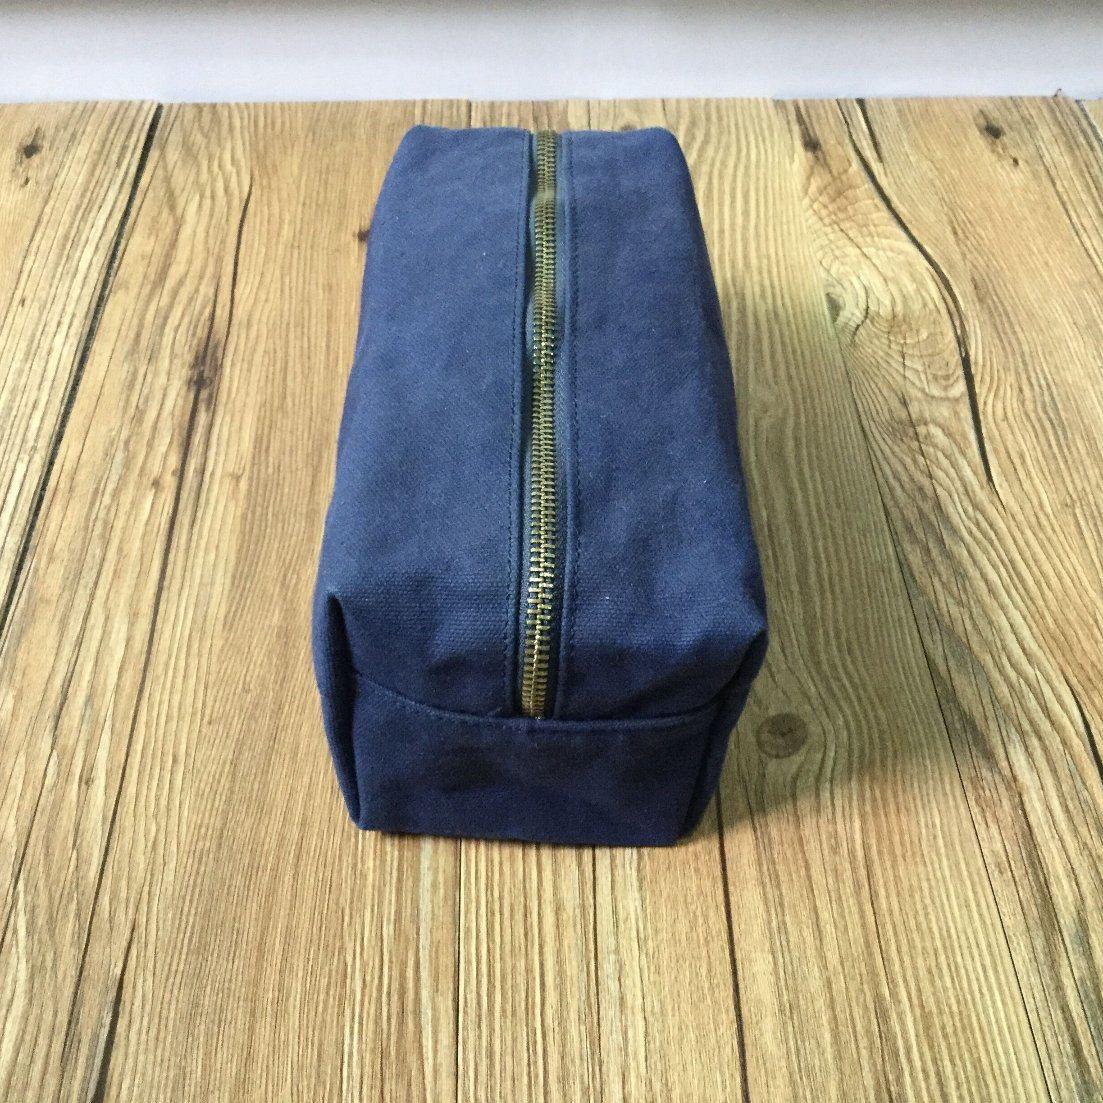 Customized Unisex Waxed Canvas Travel Shaving Kit